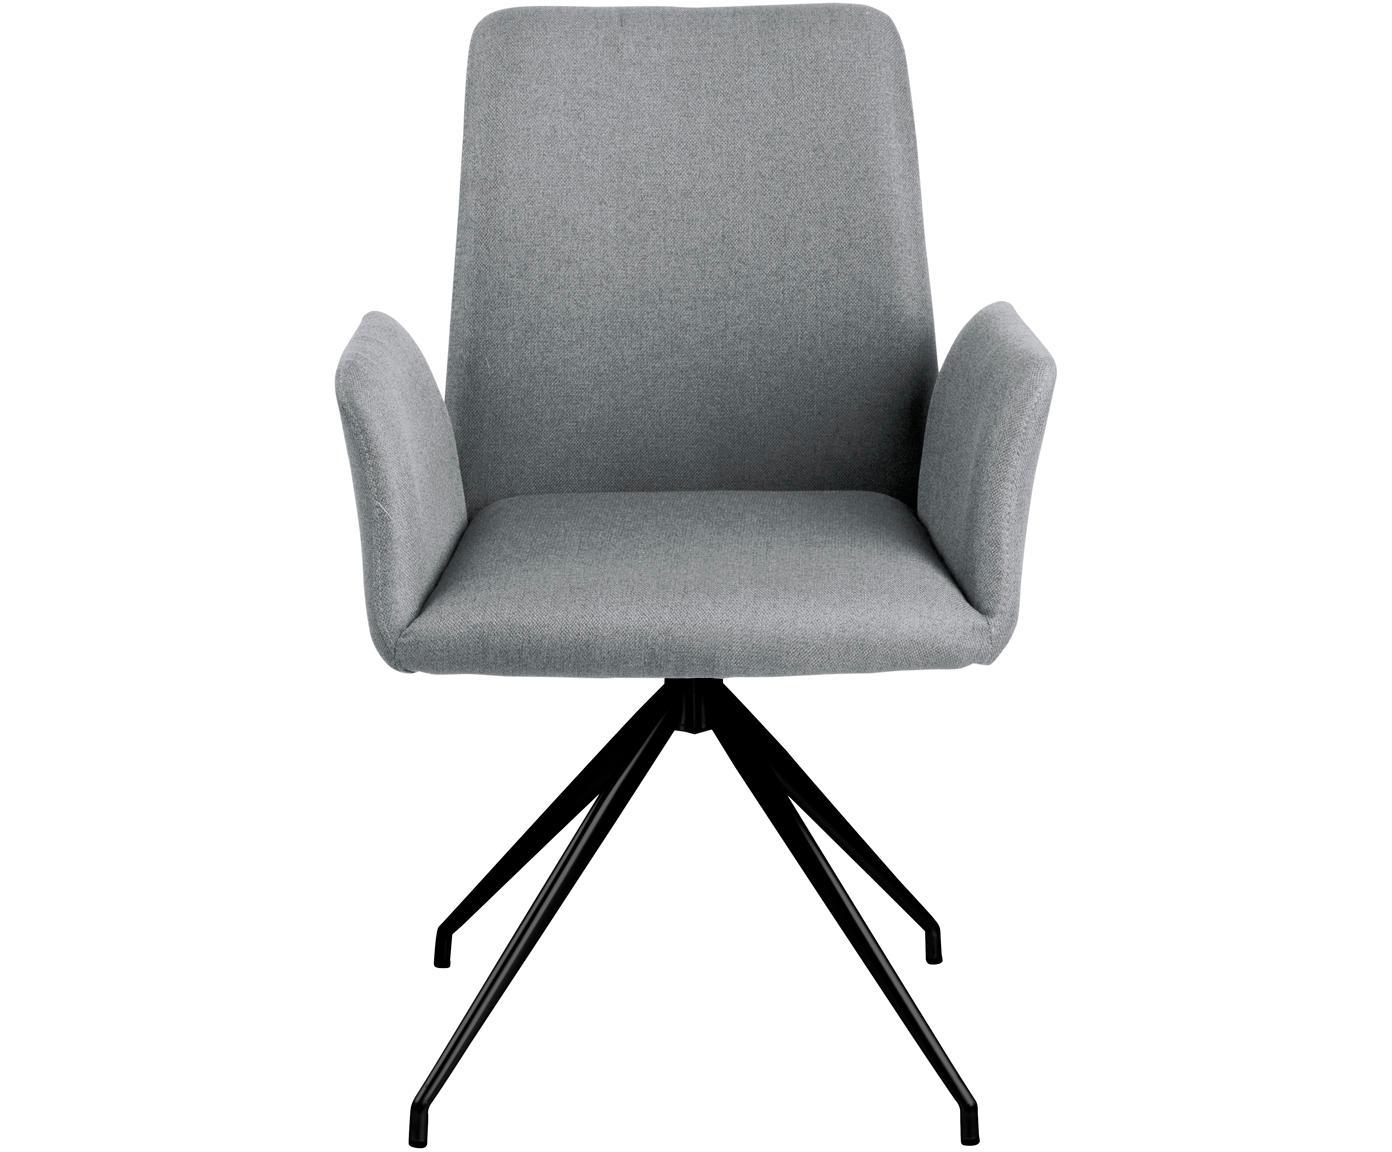 Sedia girevole in grigio Naya, Rivestimento: poliestere 25.000 cicli d, Struttura: metallo verniciato a polv, Grigio chiaro, Larg. 59 x Prof. 59 cm